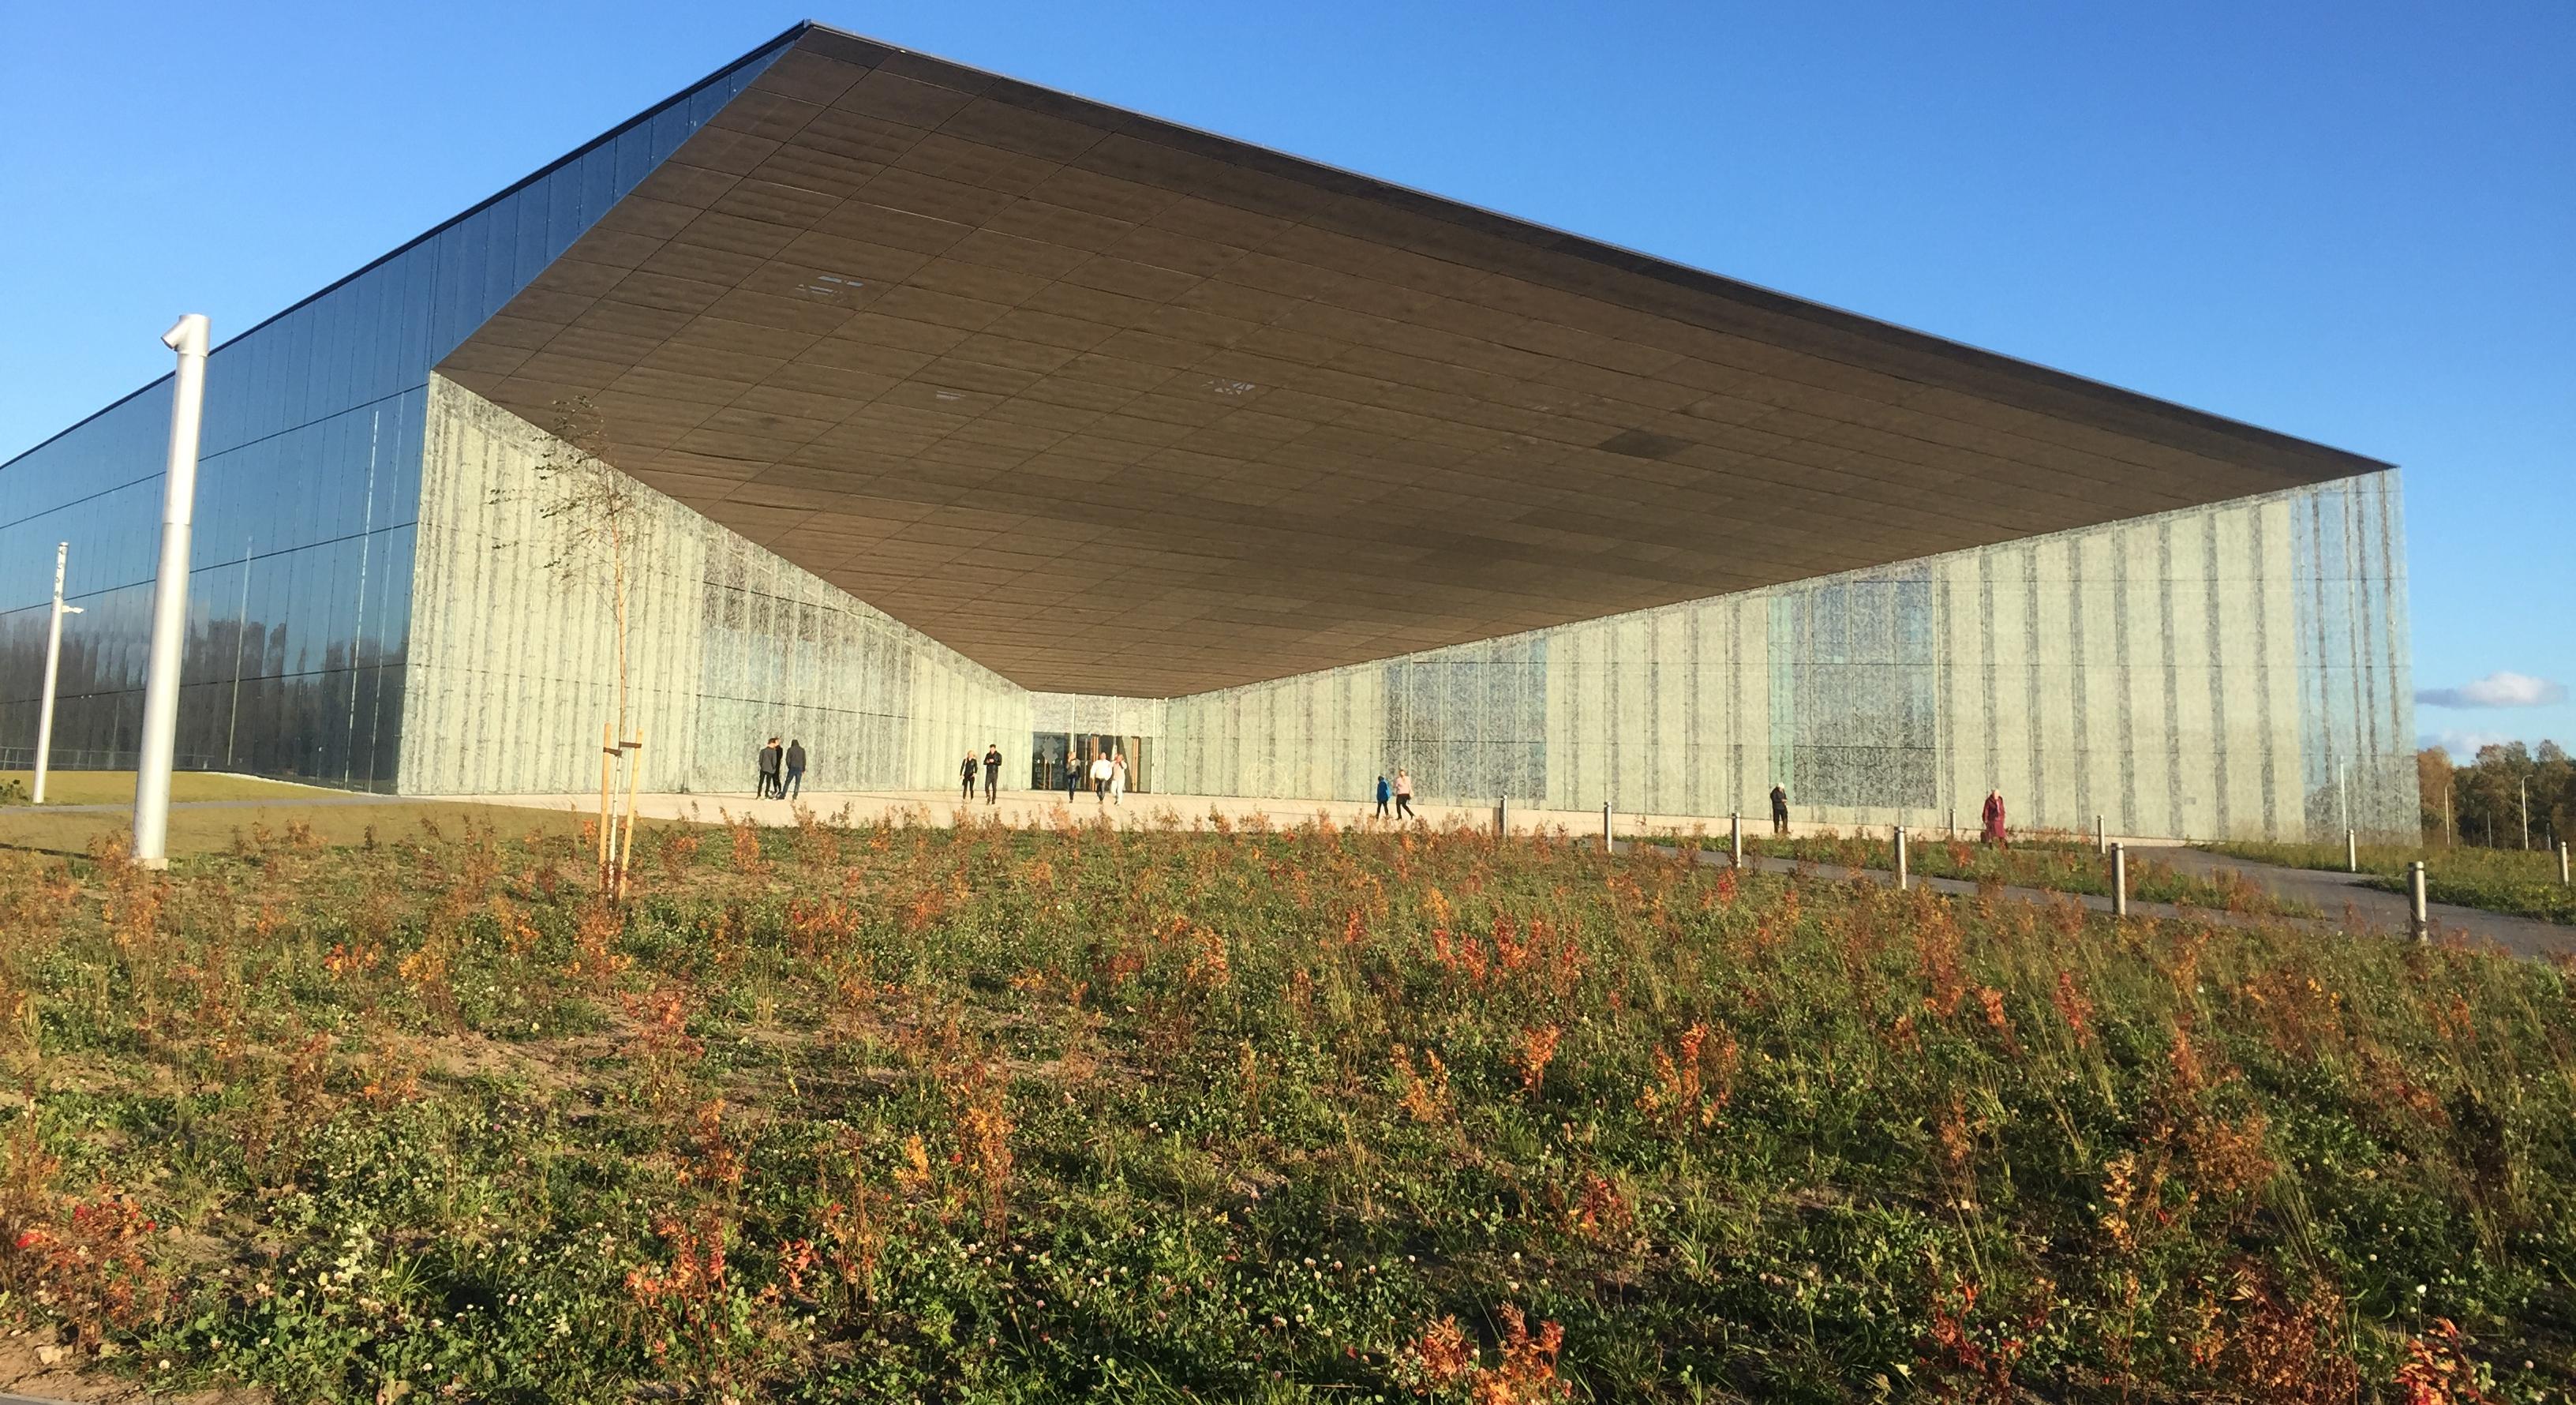 エストニアナショナルミュージアムに行ってきました(後編)